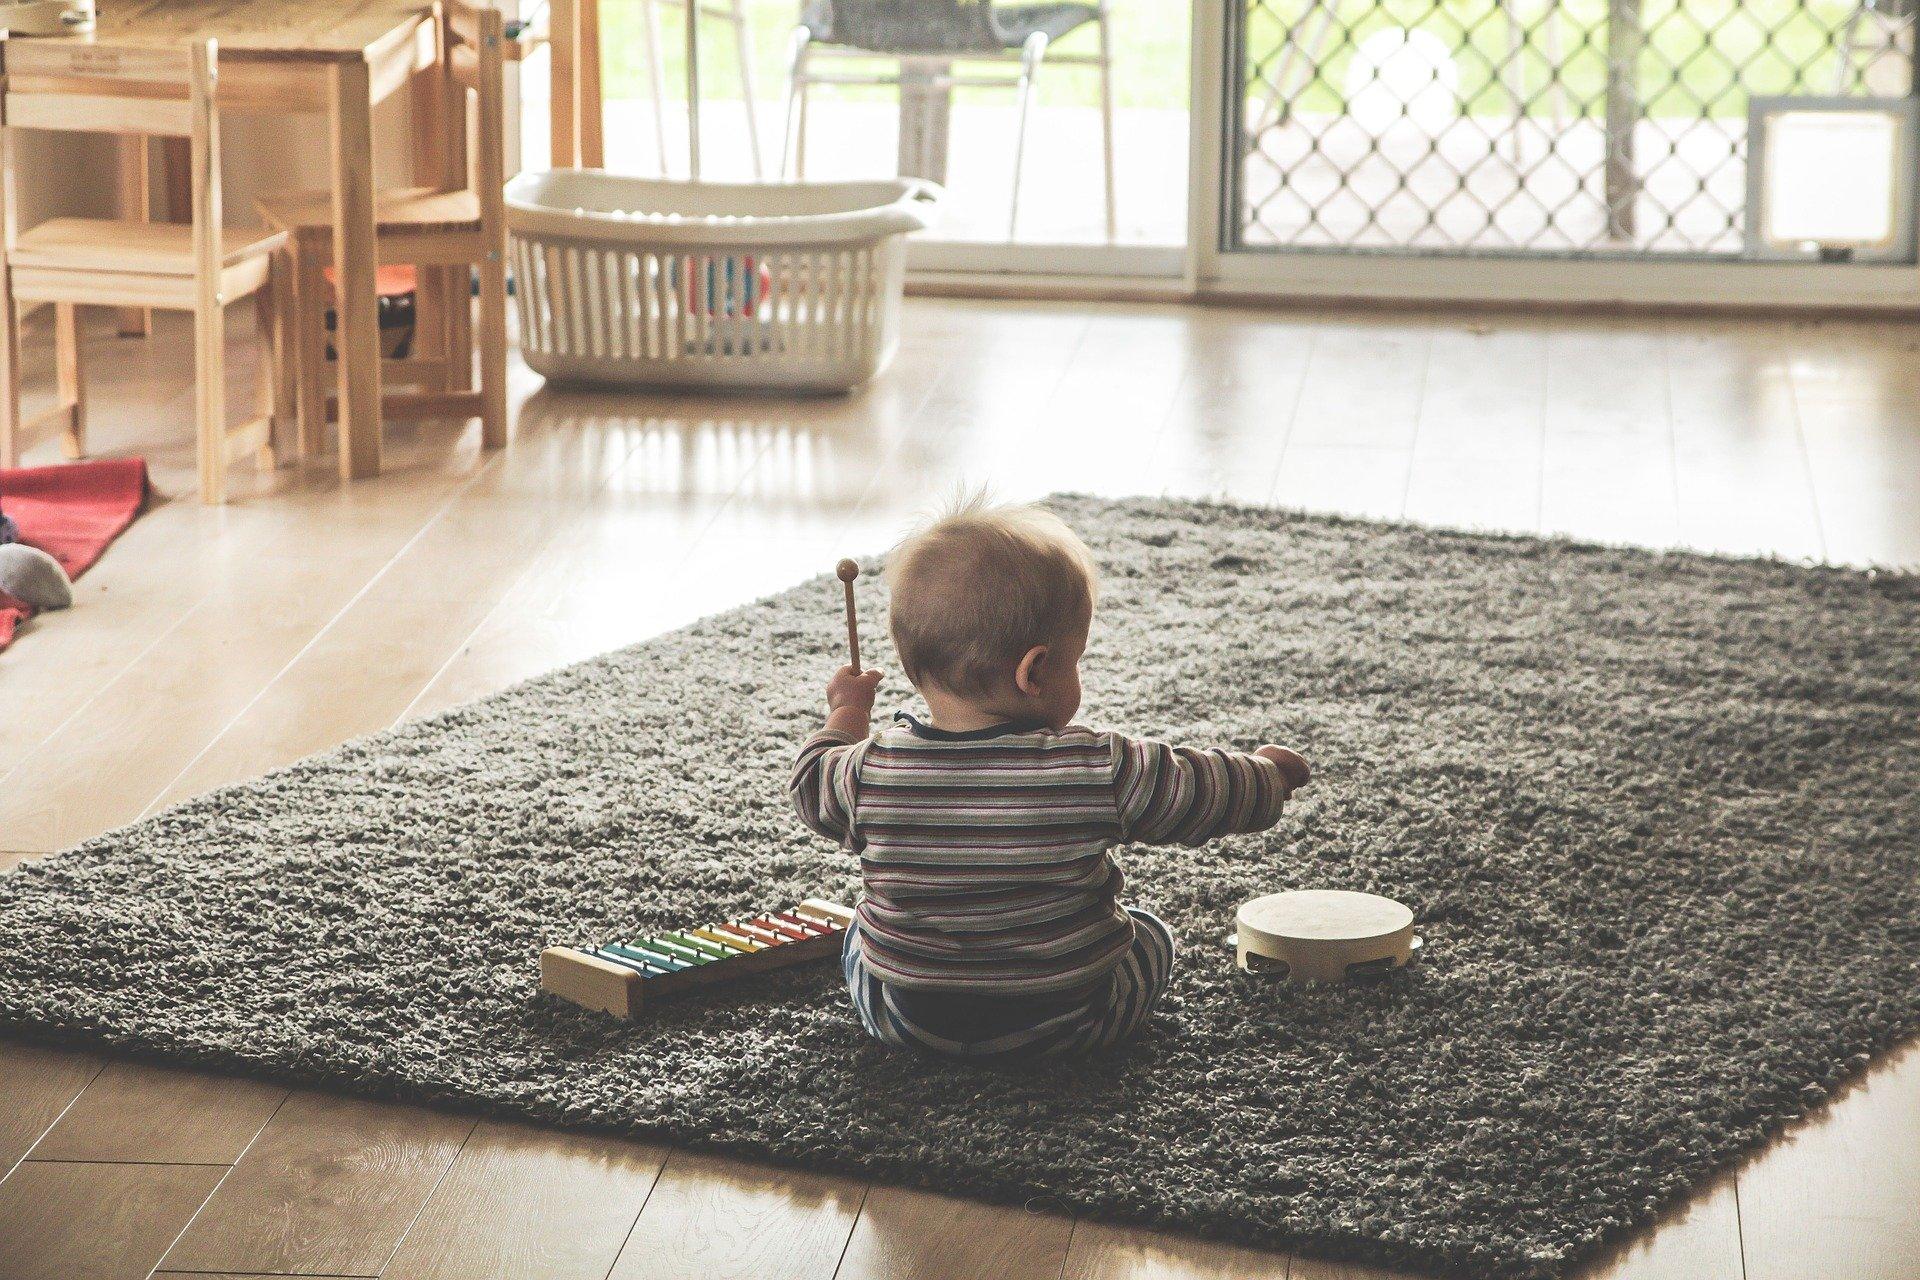 יש תינוק בבית? איך להכין את הבית לקראת החורף